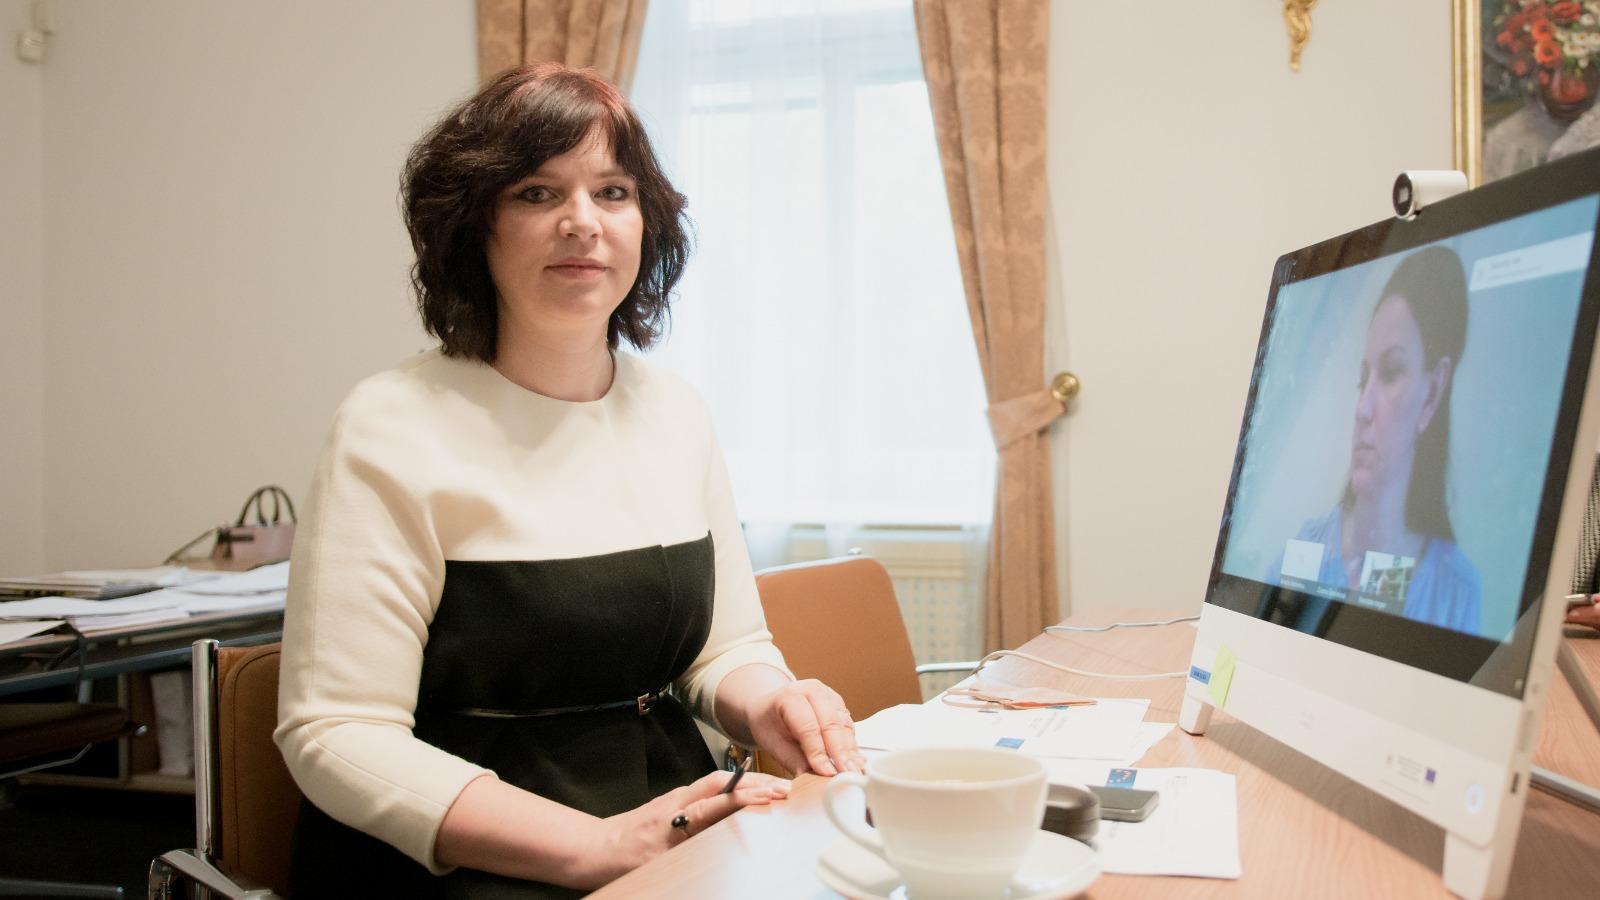 Ministerka Remišová: Pri tvorbe plánu, podľa ktorého sa budú rozdeľovať eurofondy, zohrávajú samosprávy kľúčovú úlohu